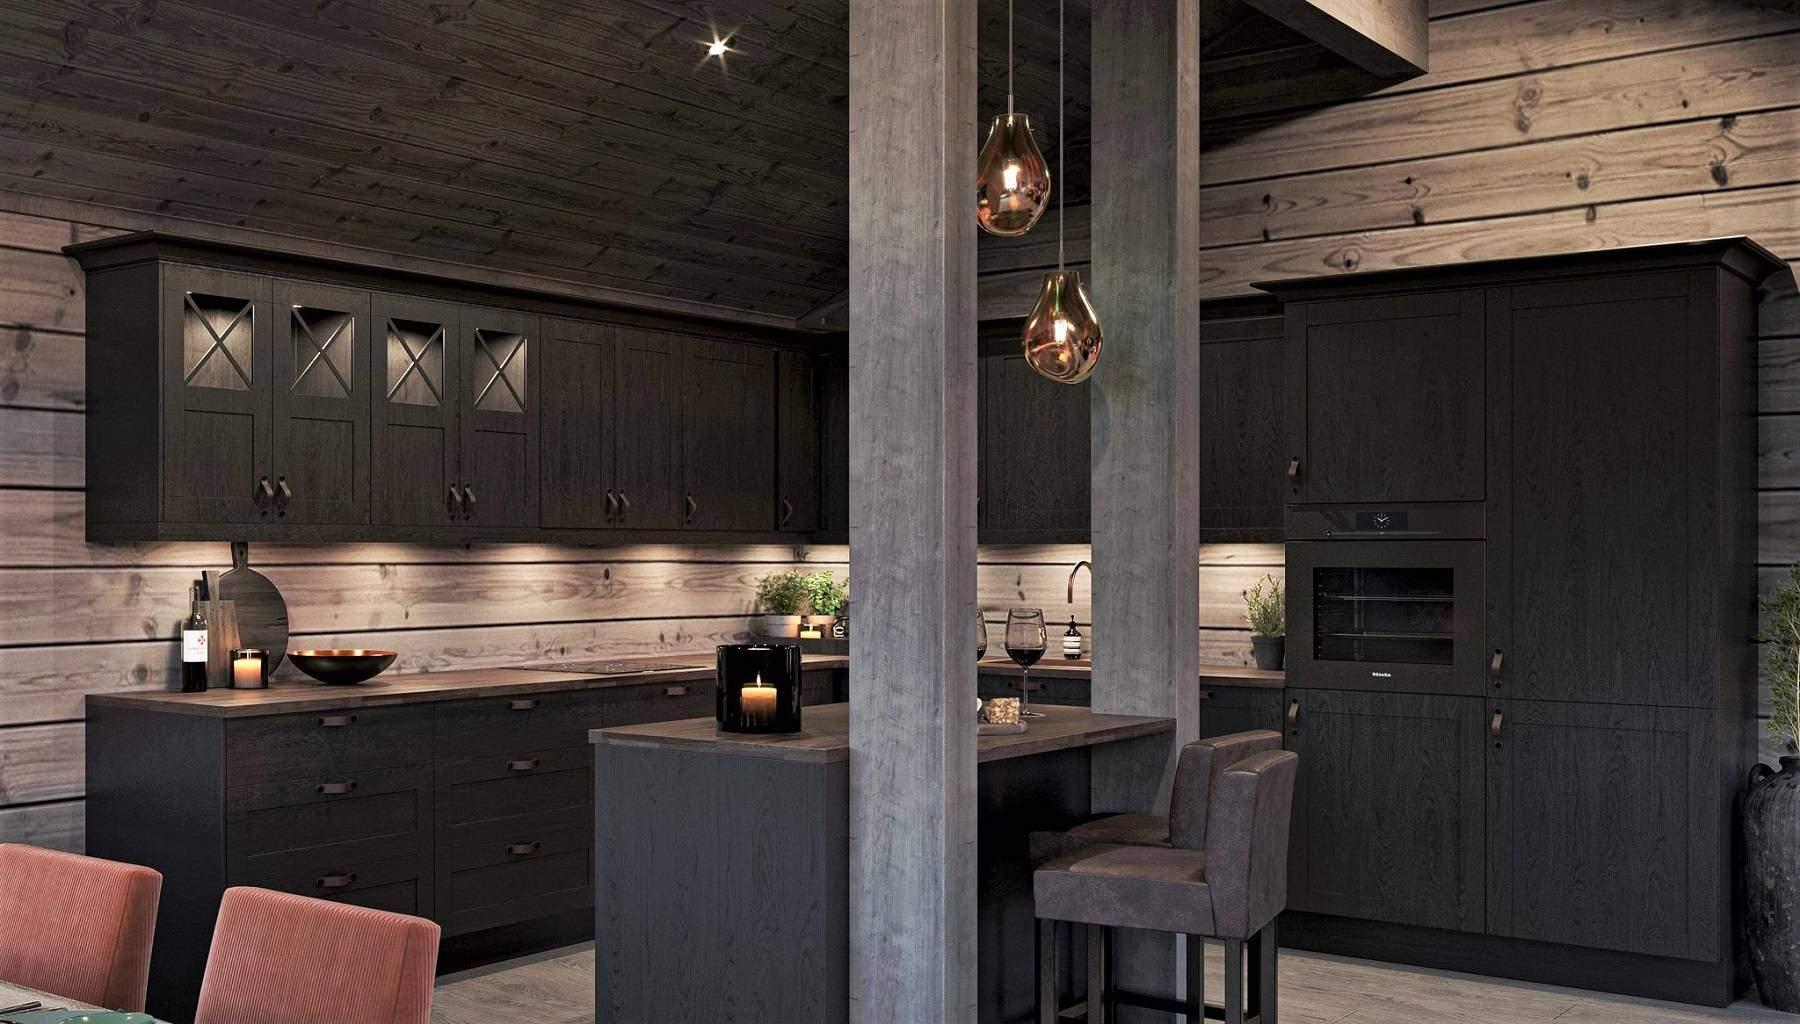 158 Kjøkkenøy med gyldne glasspendler og innredningsdetaljer i skinn – Hyttemodell Geilo 155